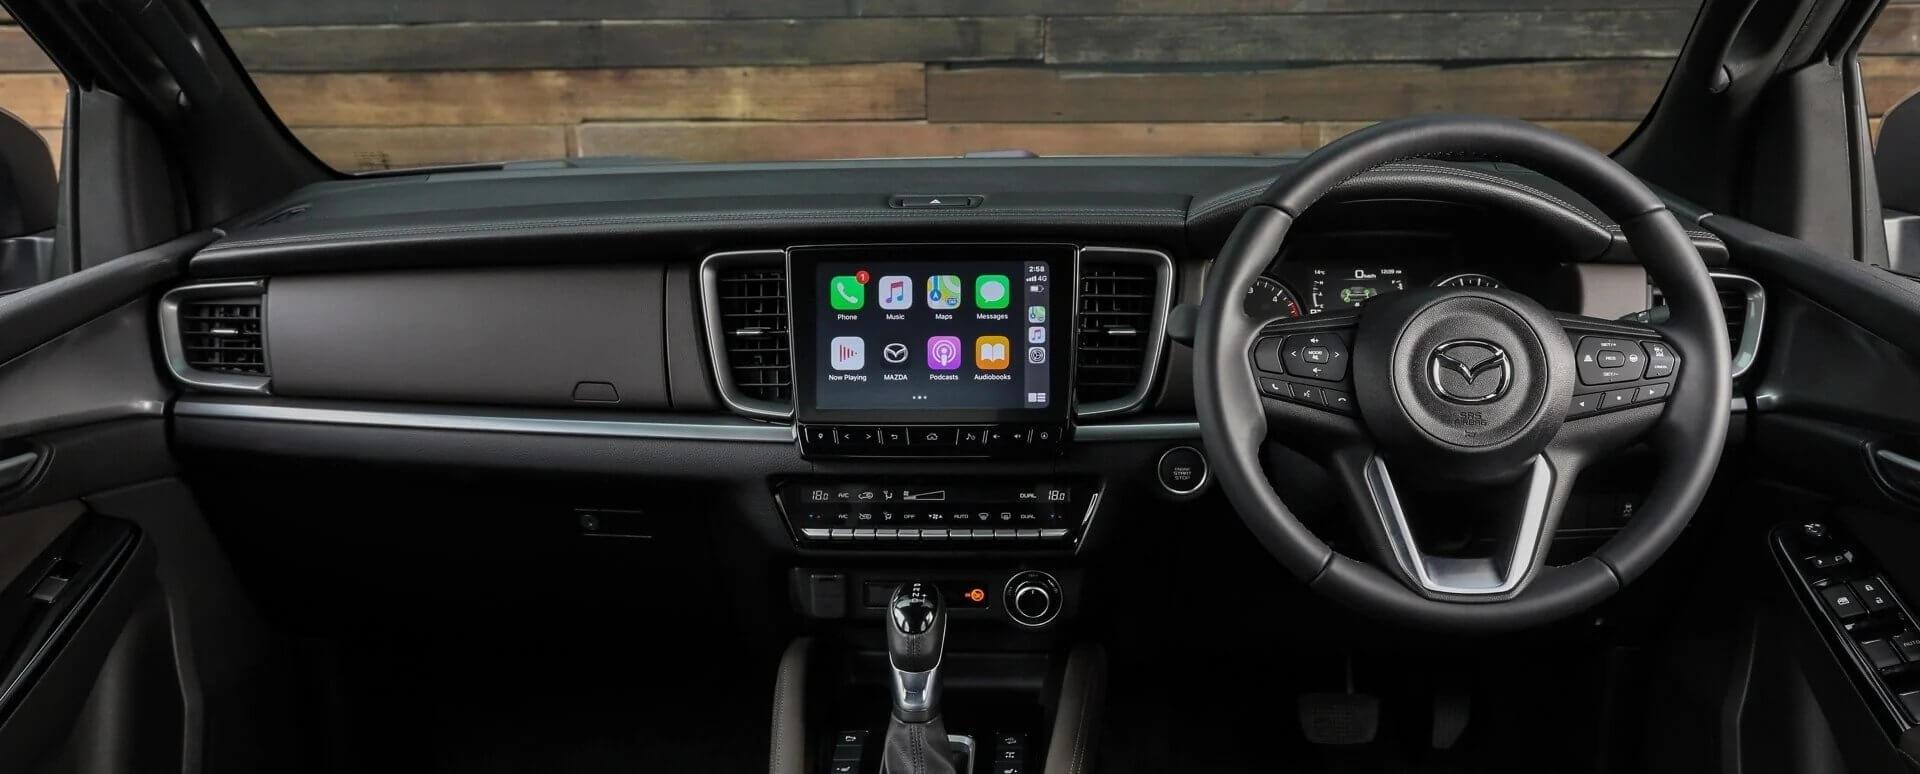 Mazda BT-50 Interior